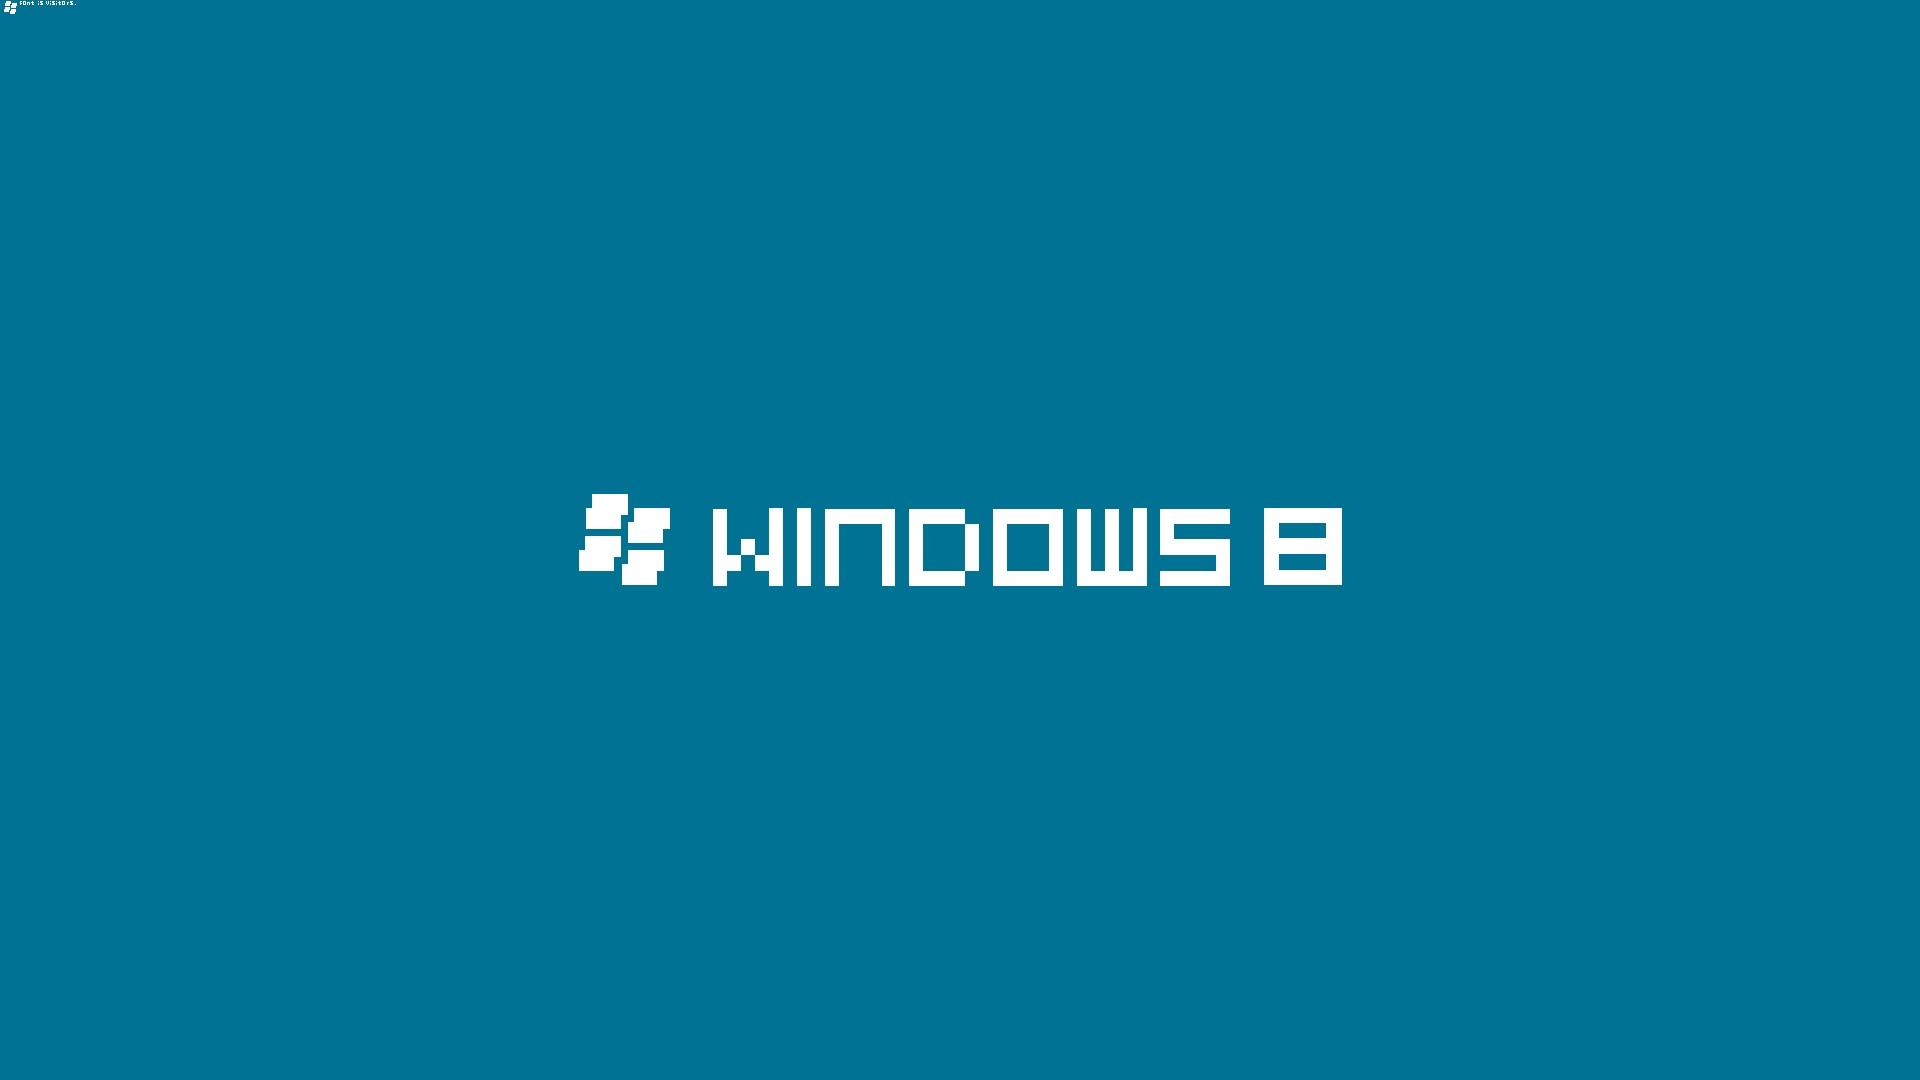 Windows 8 Cool HD Wallpaper 1920x1080